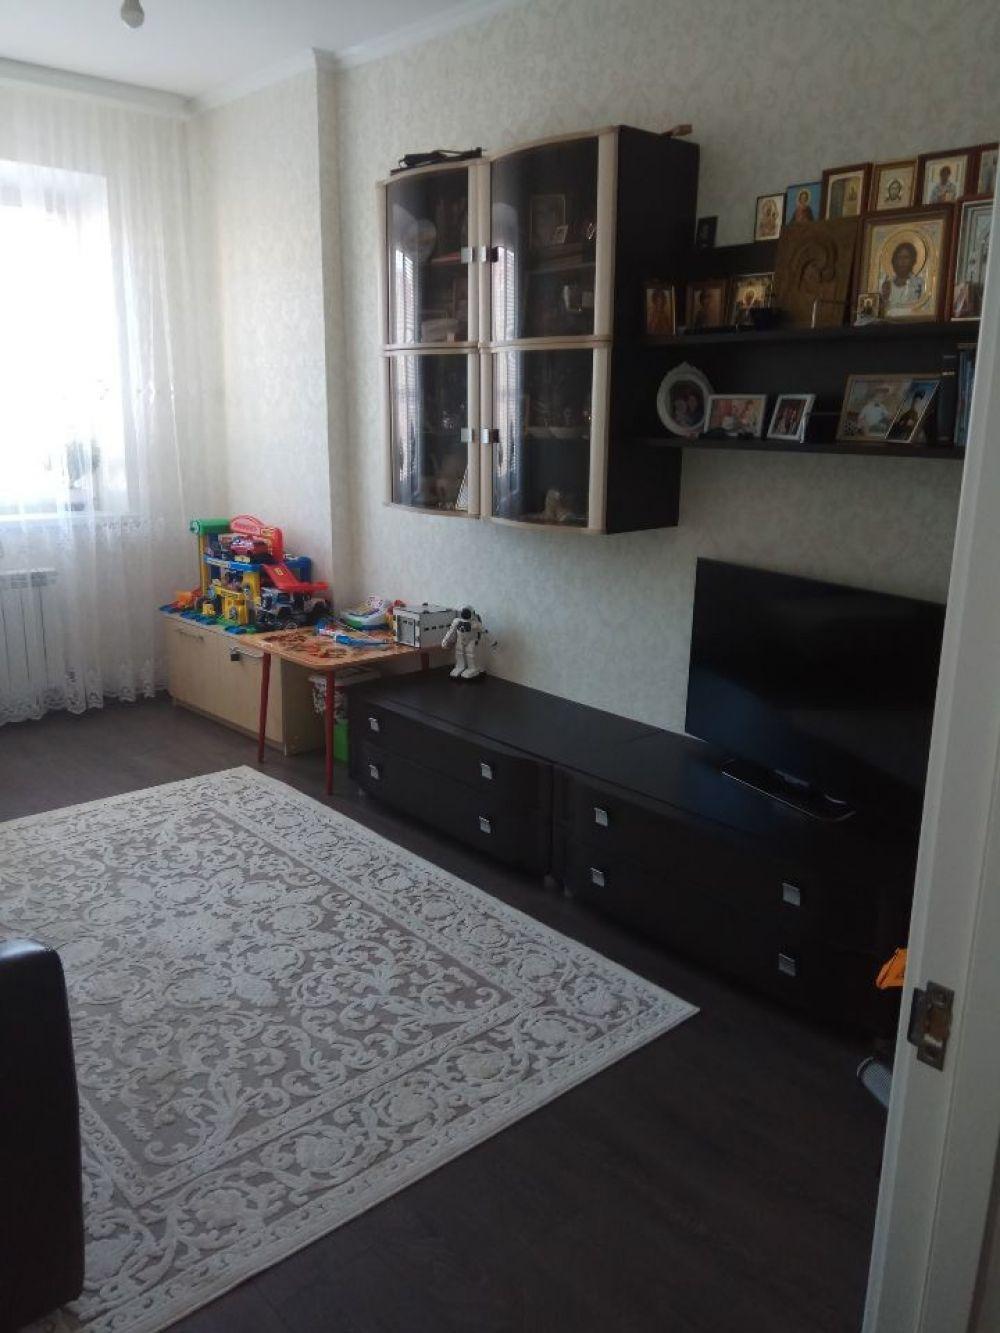 Двухкомнатная квартира, 53 м2, Богородский д.1, г. Щелково, фото 11